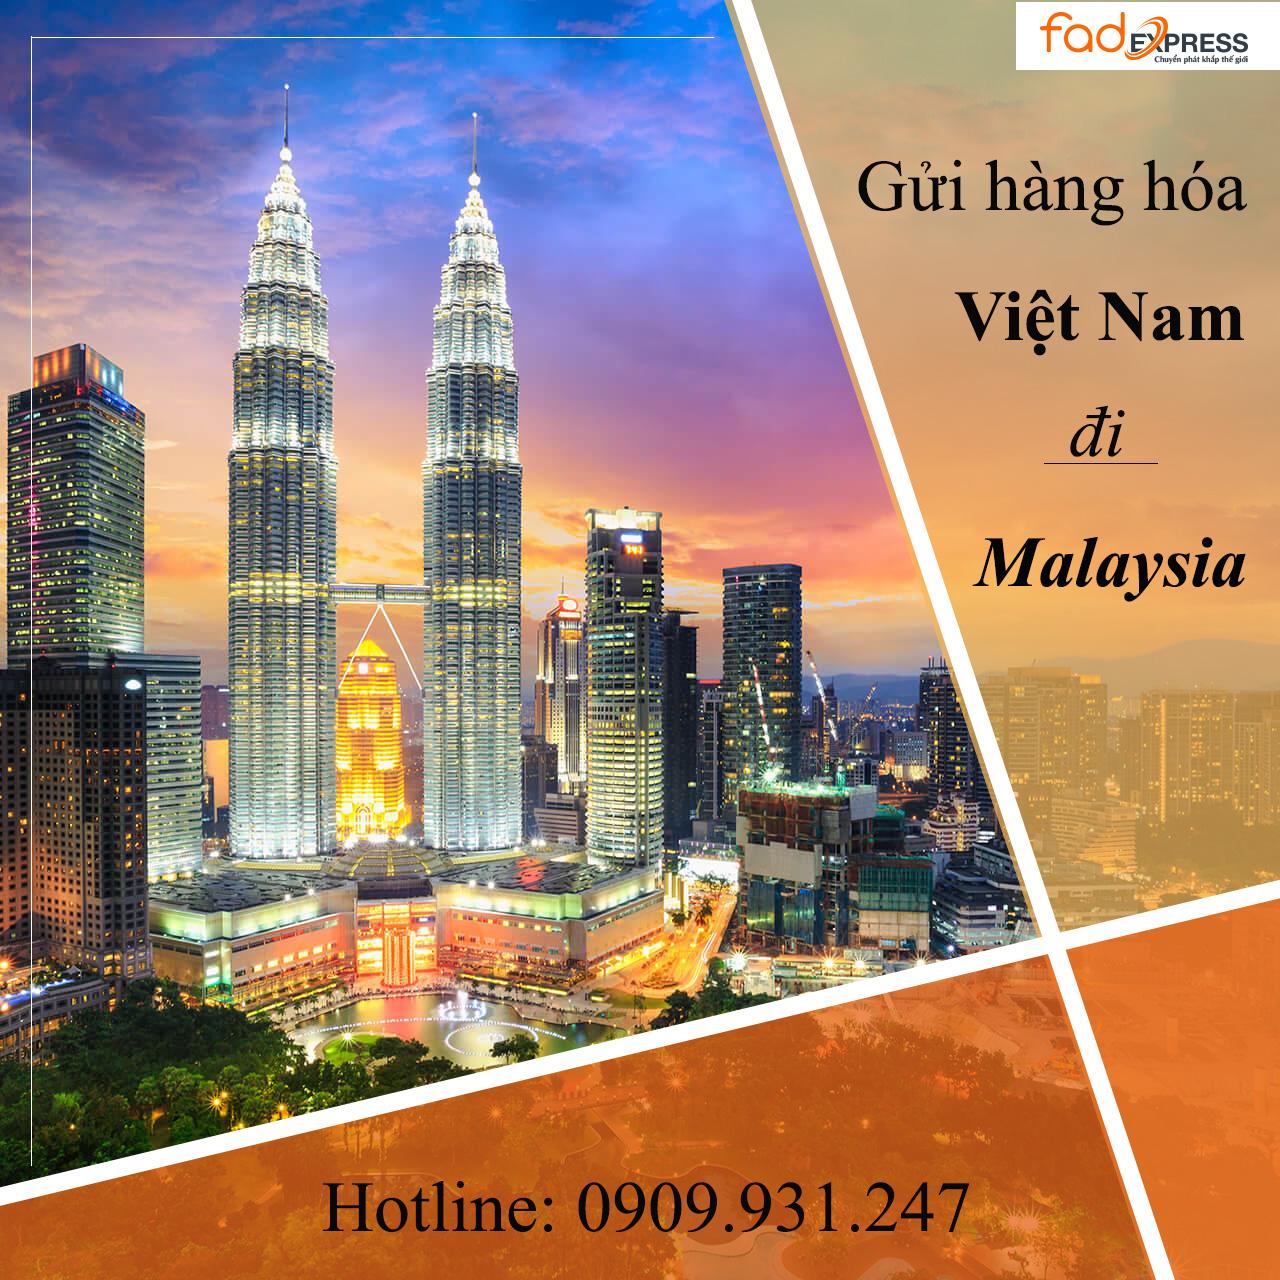 gửi hàng từ Việt Nam đi Malaysia